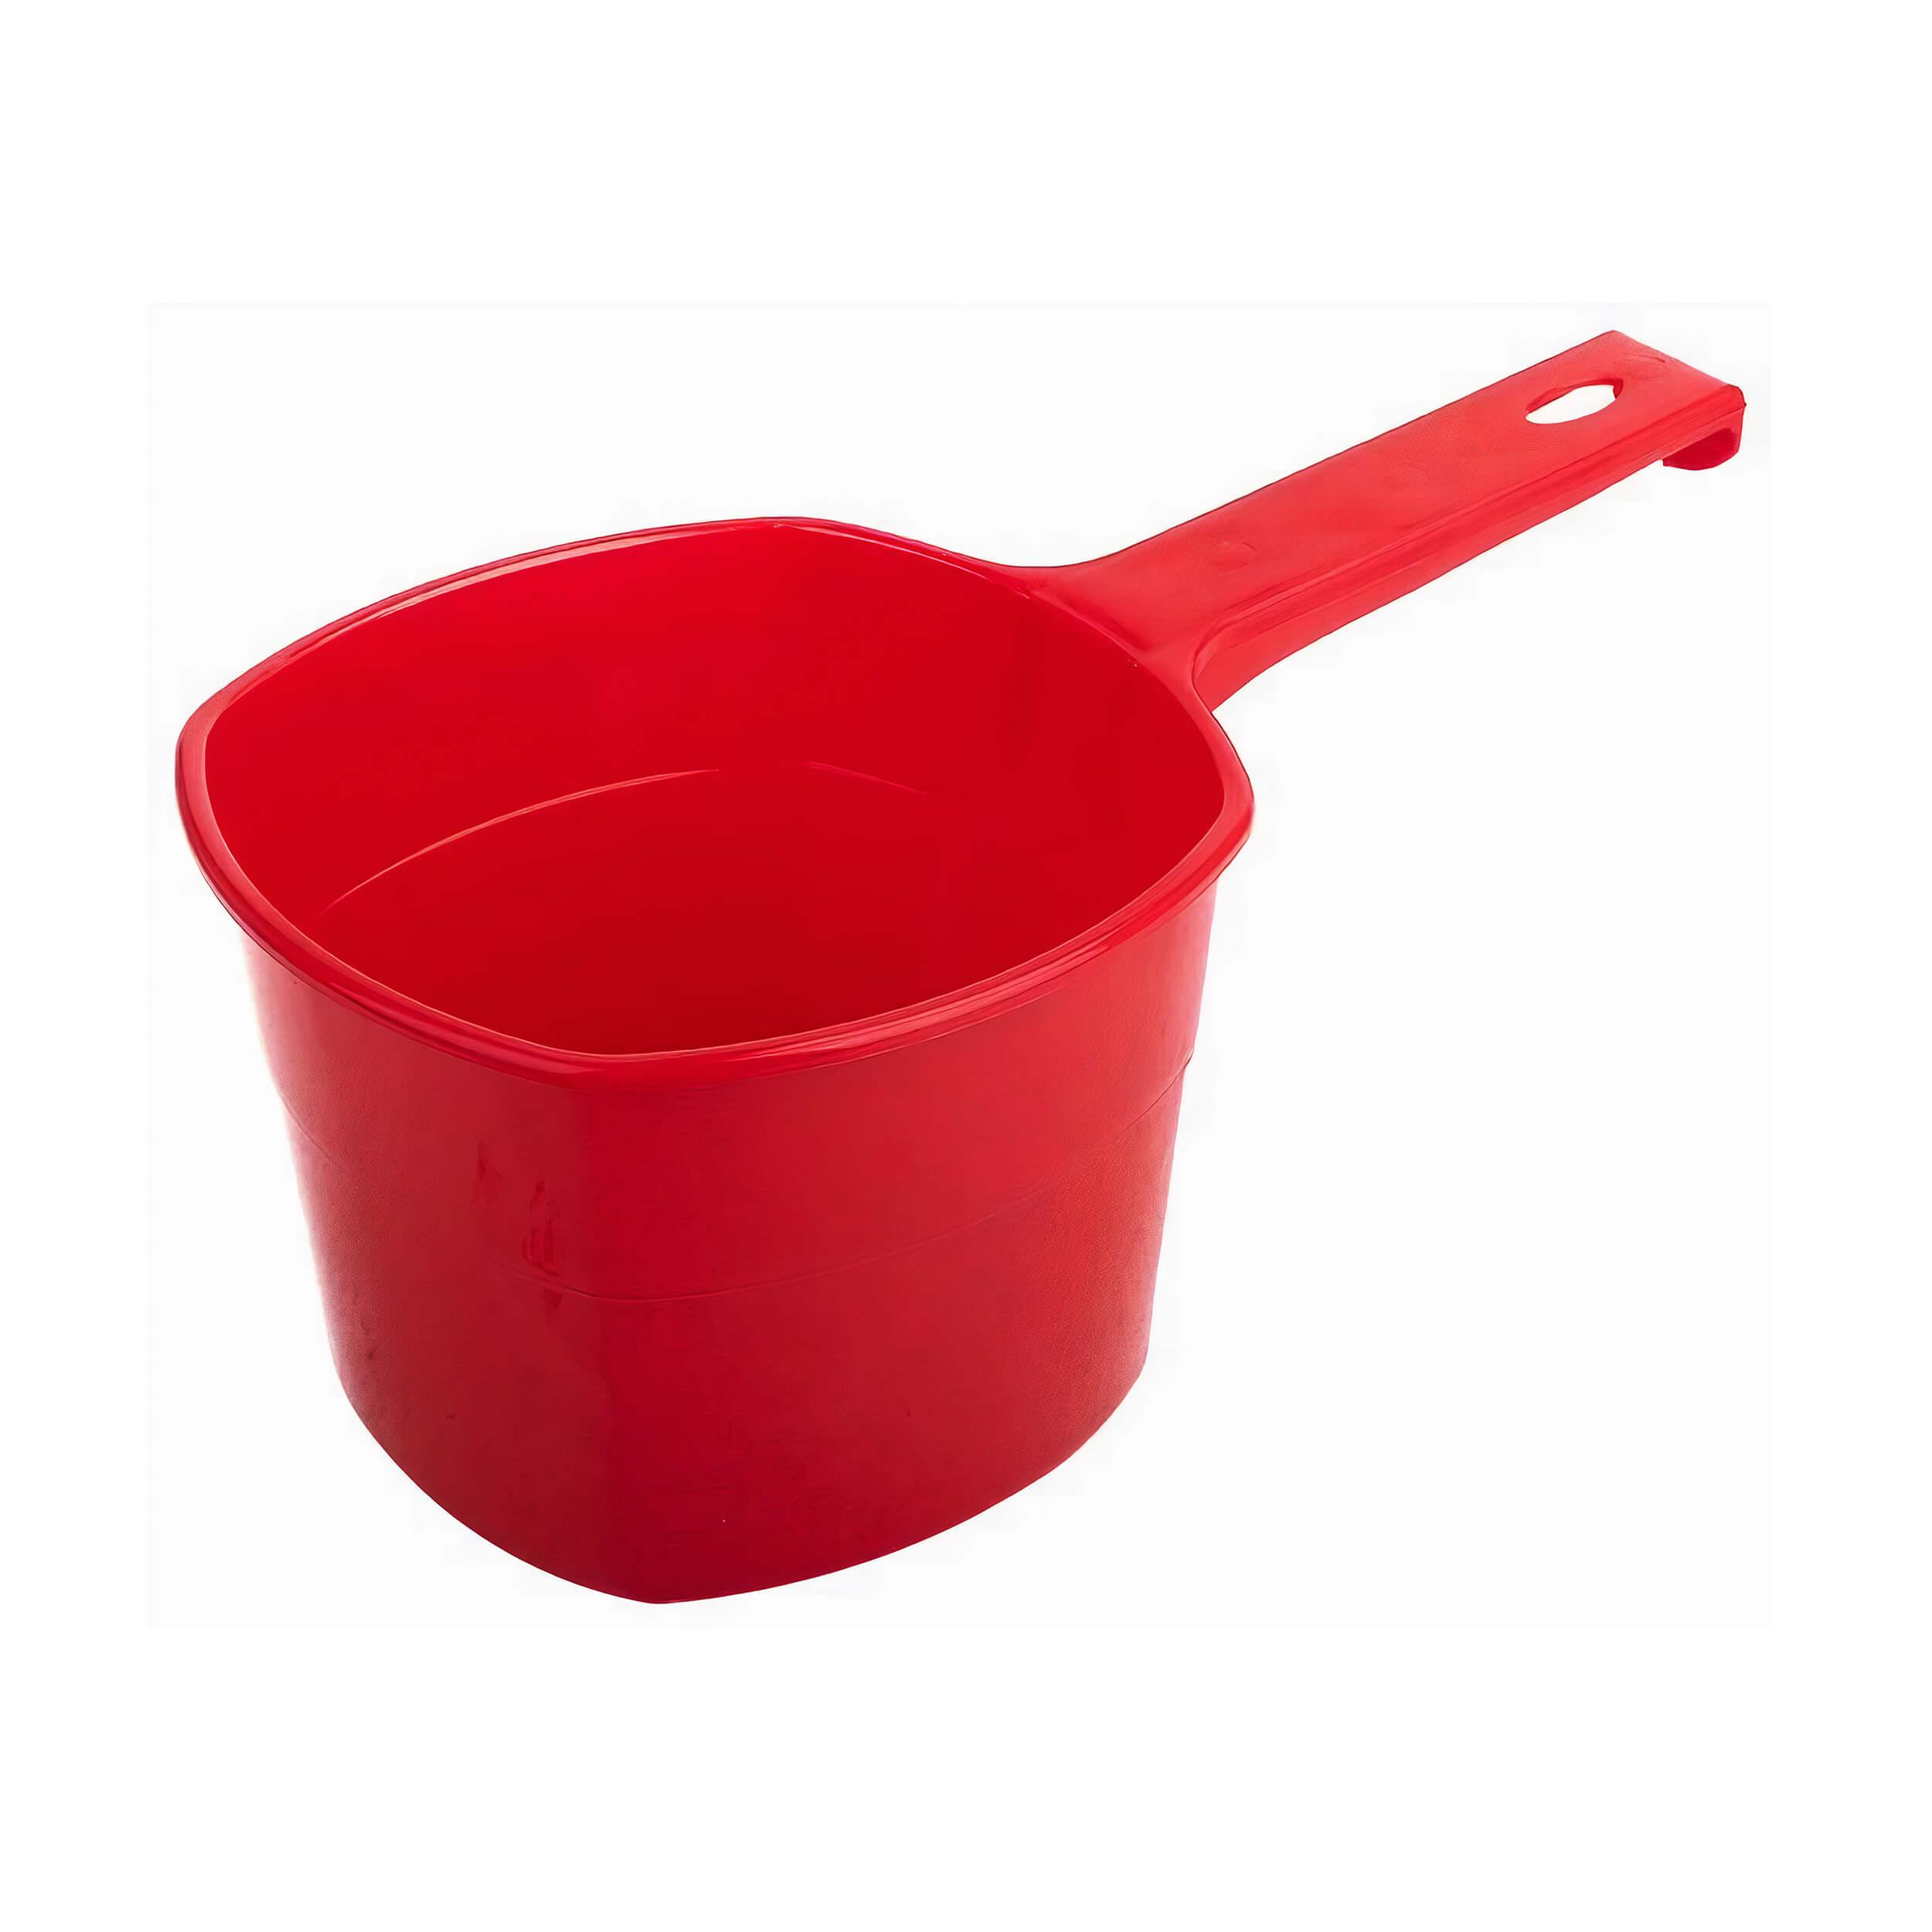 Ковш для приготовления и разлива сиропа (1,5 литра) фото